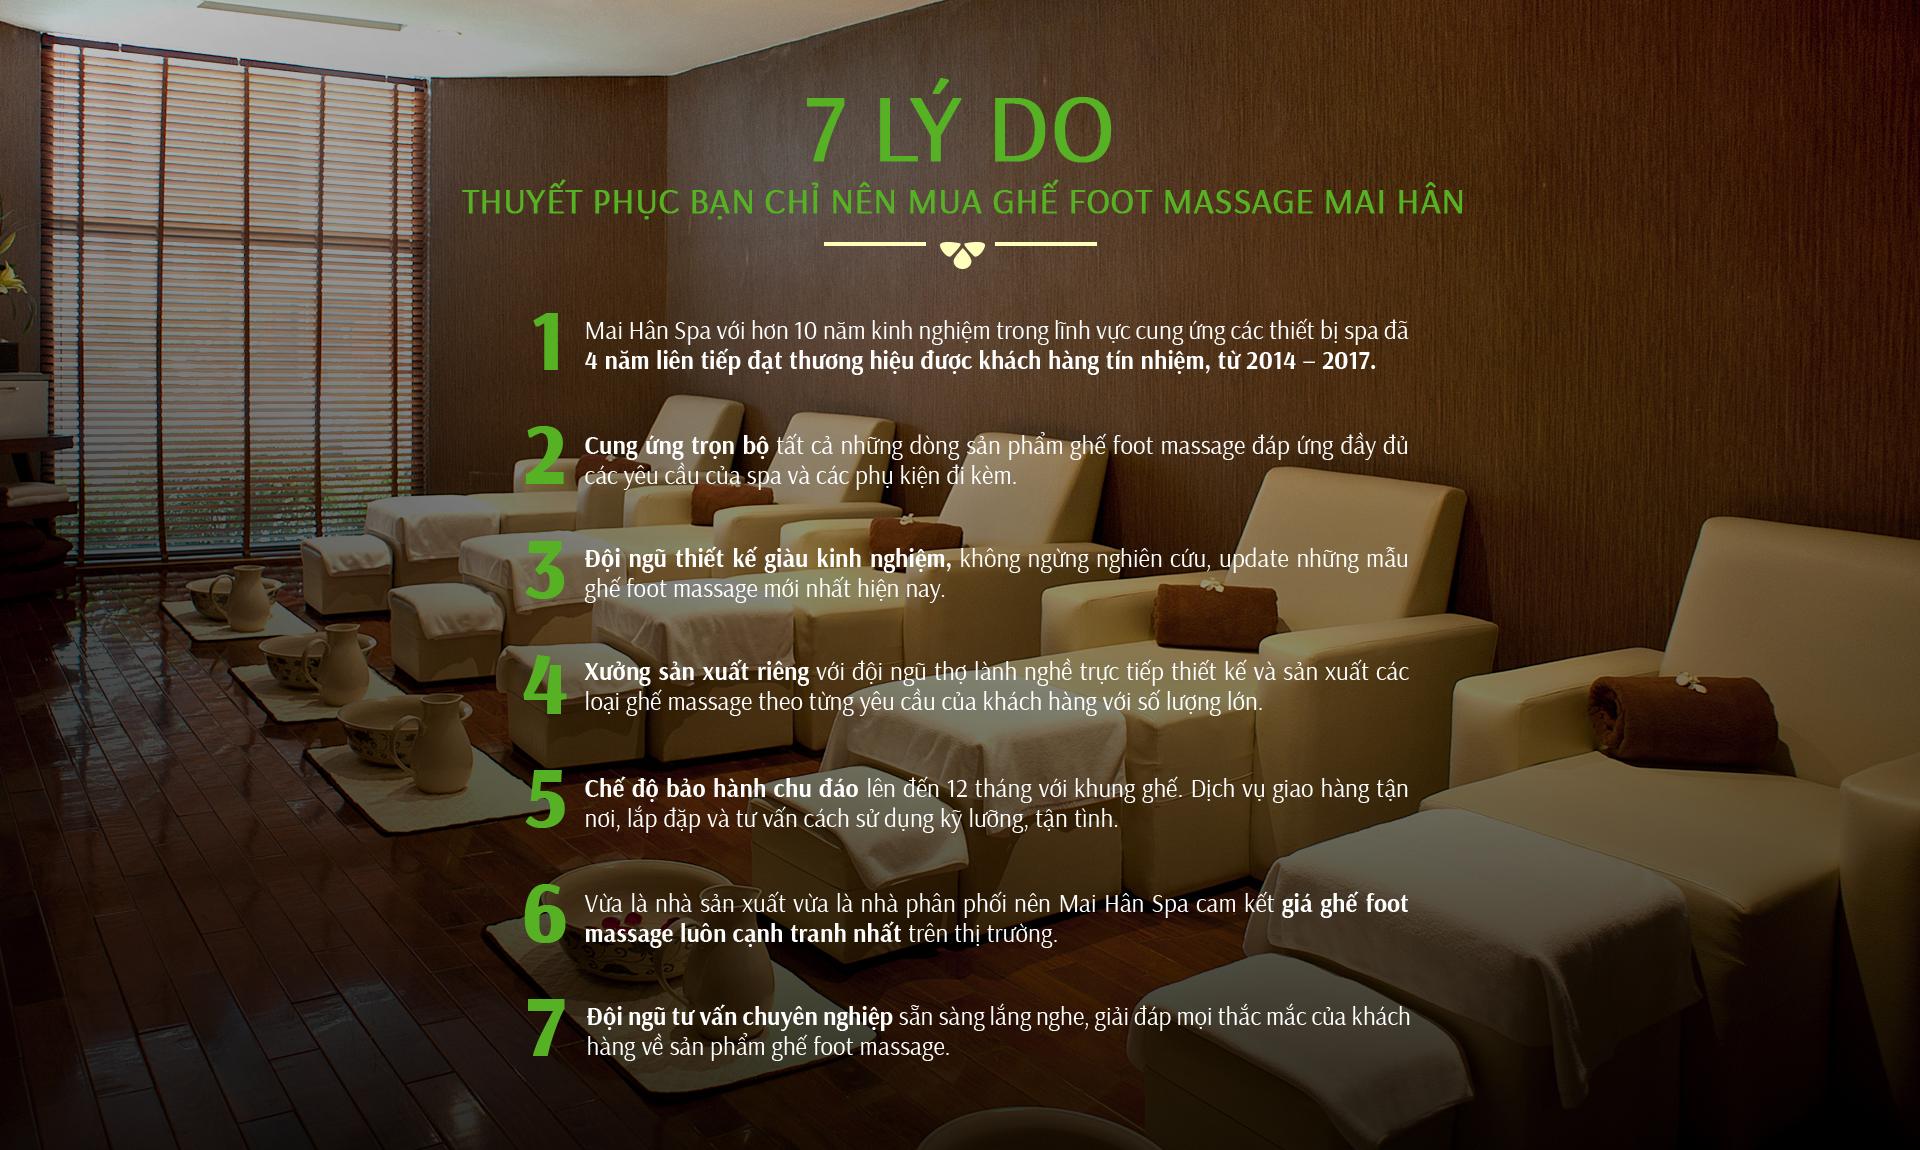 thuyết phục bạn chỉ nên mua ghế foot massage mai Hân